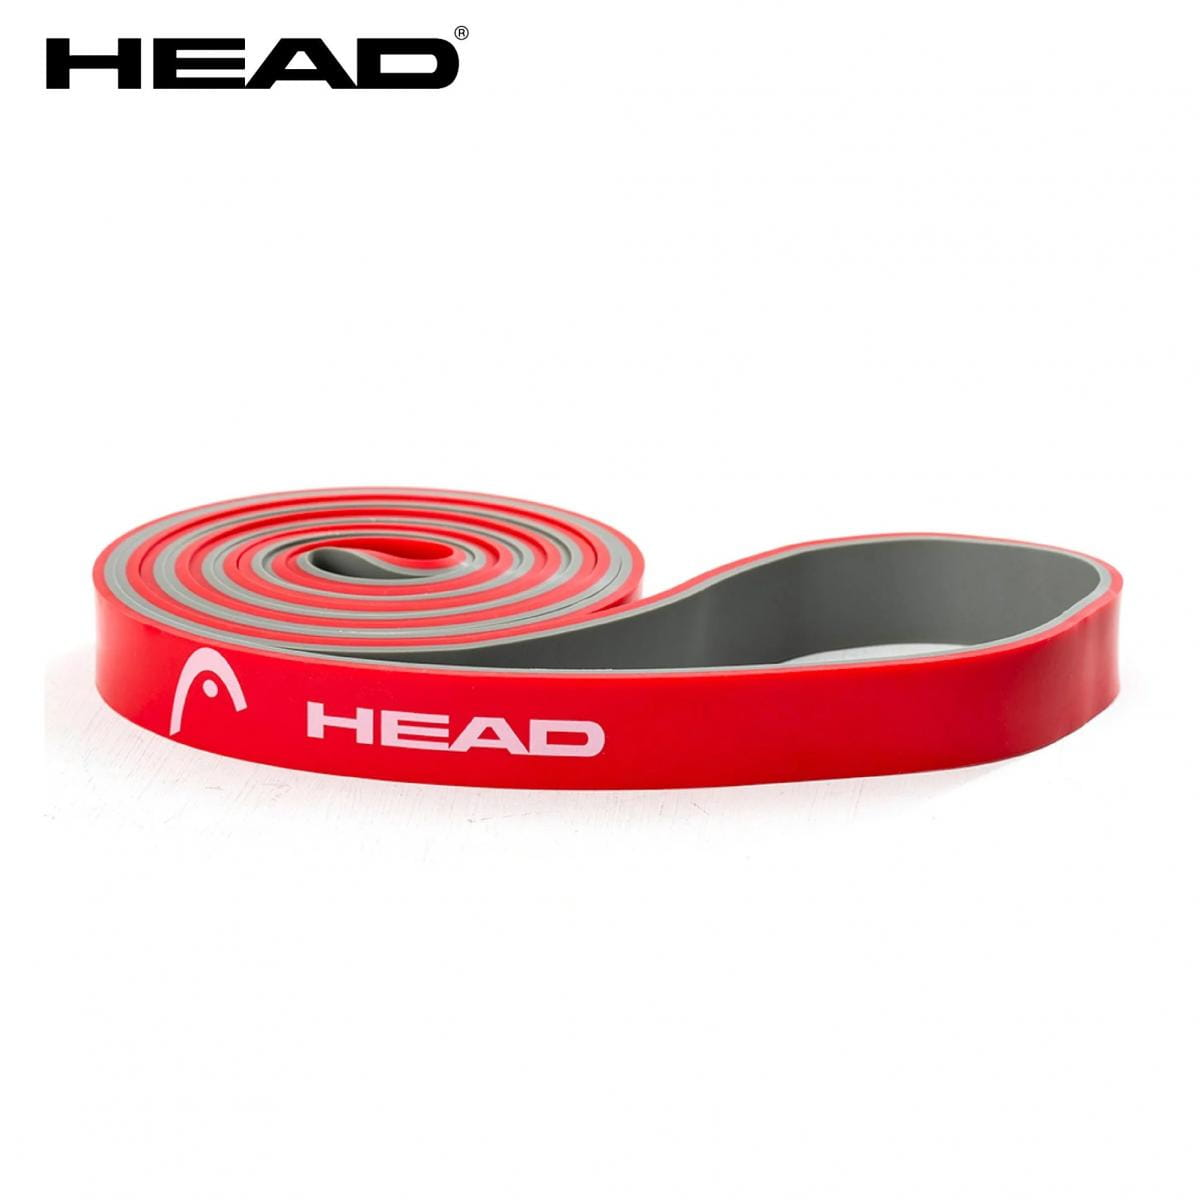 HEAD 雙色環狀阻力帶(中量級)-寬2.1cm